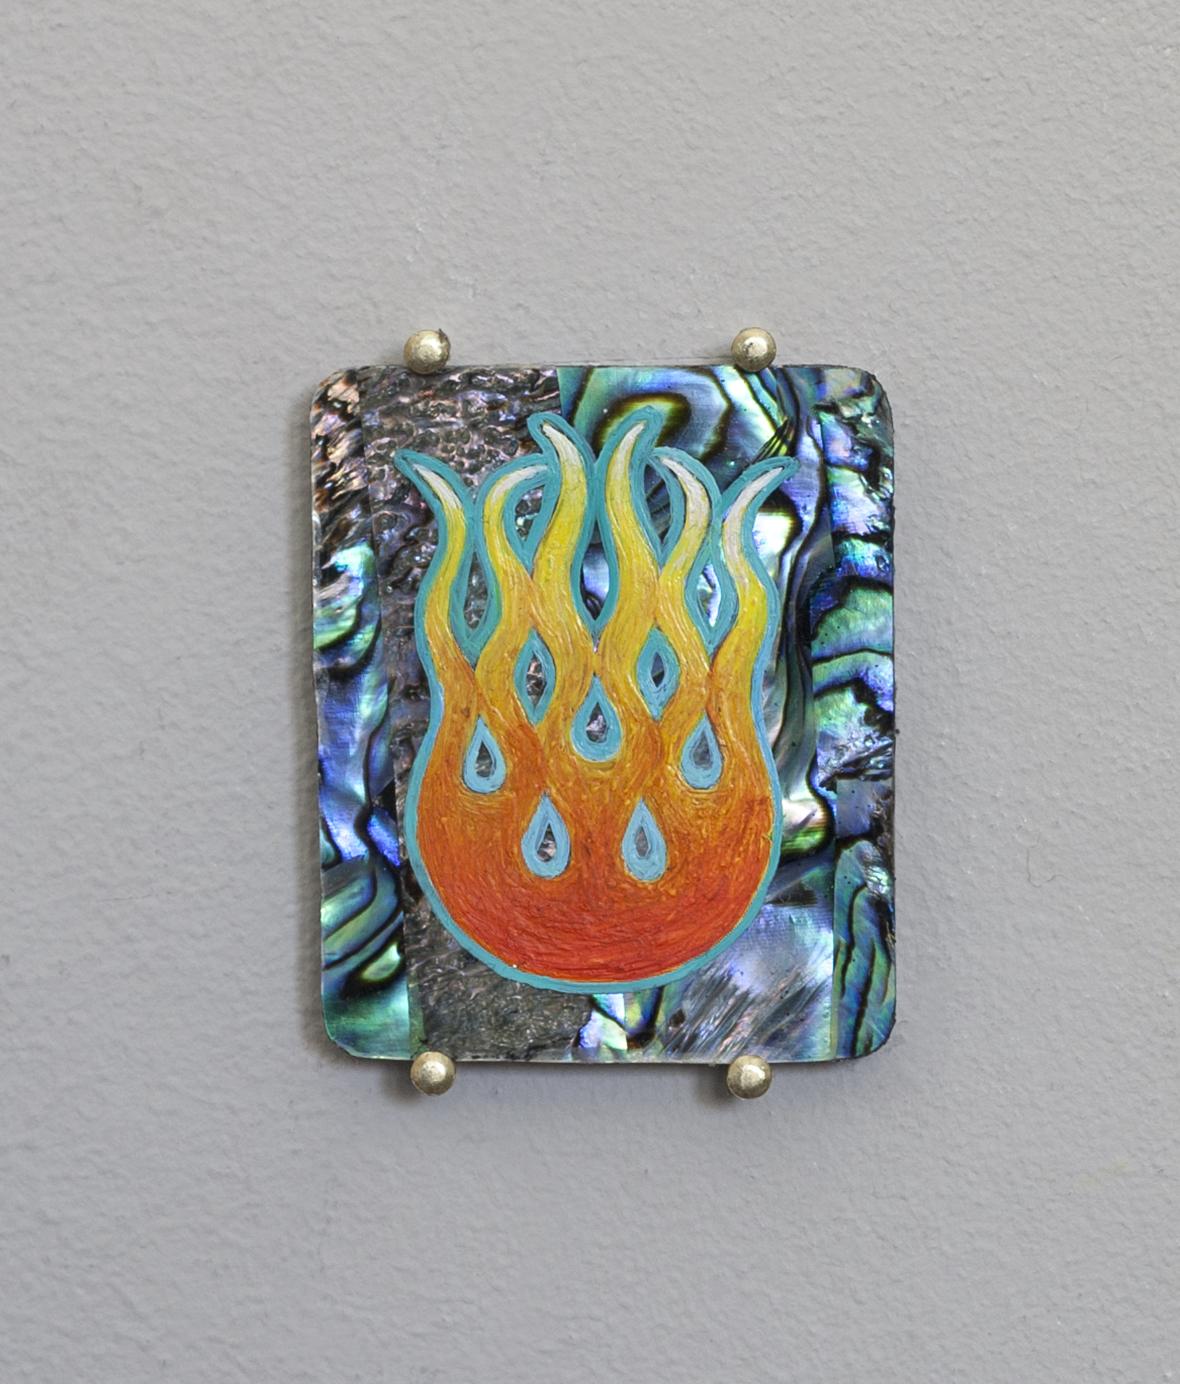 Seven small Stigmata, Biker flame motif